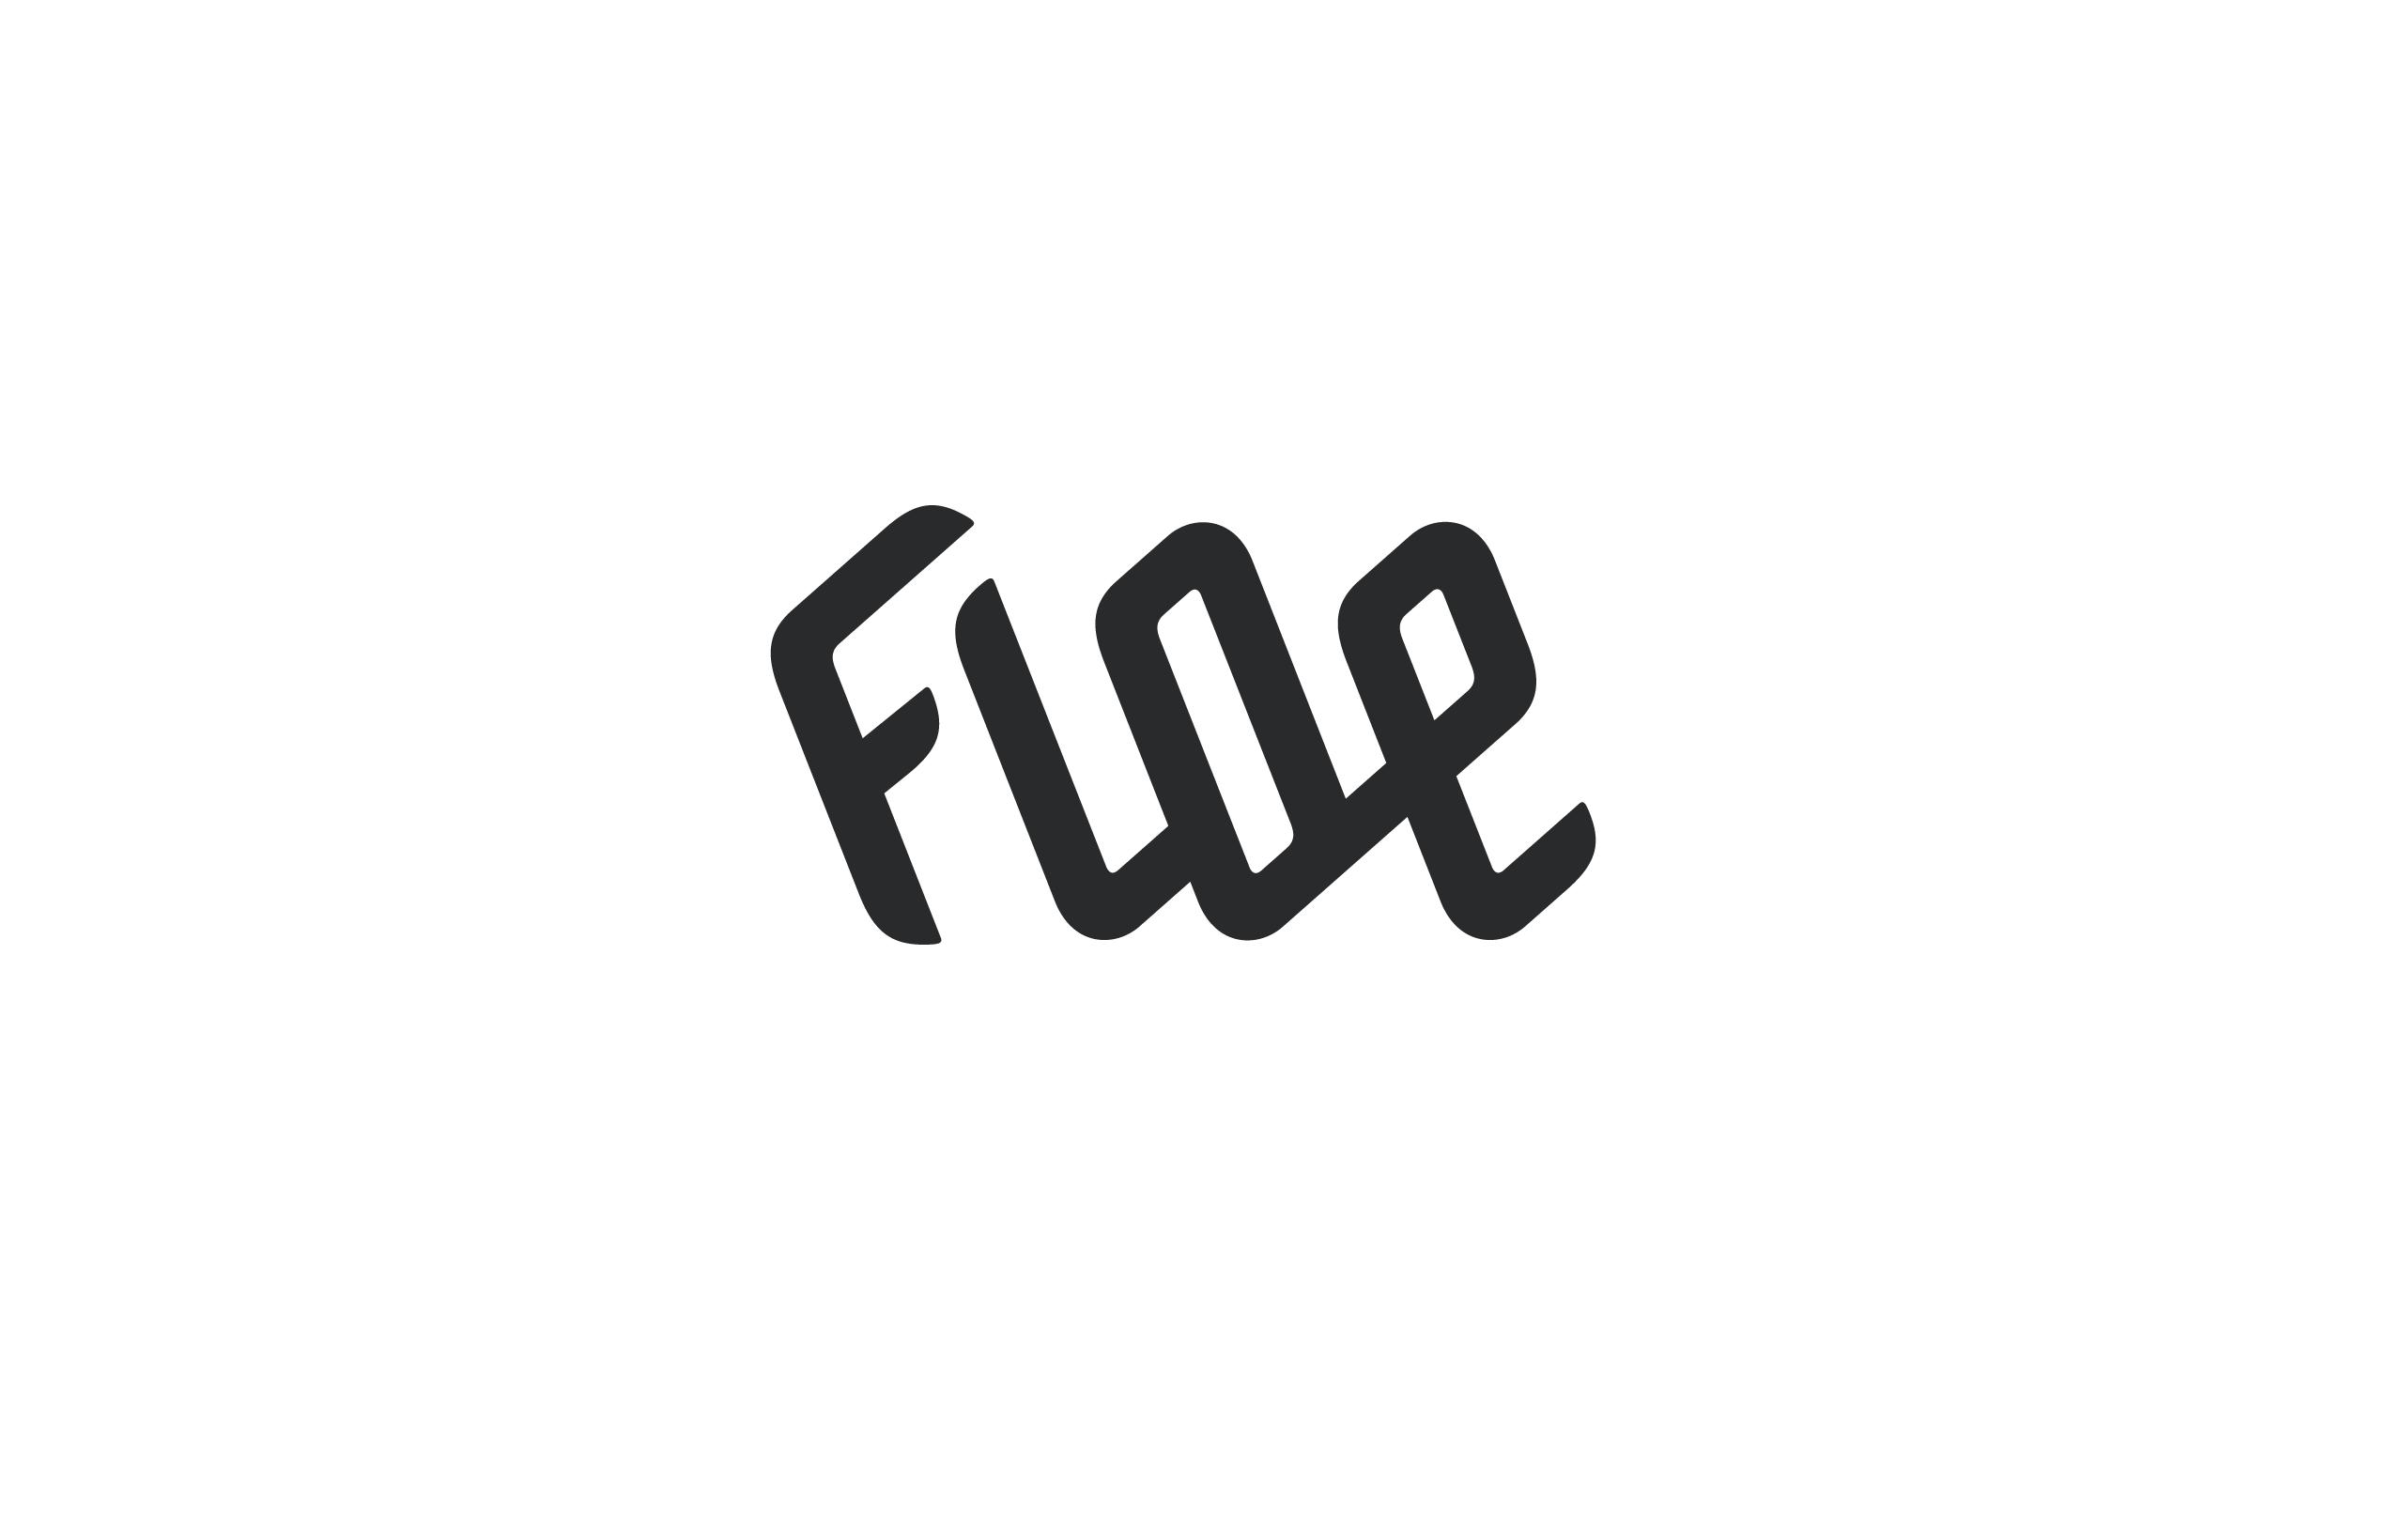 Floe logo designed by Dan Forster